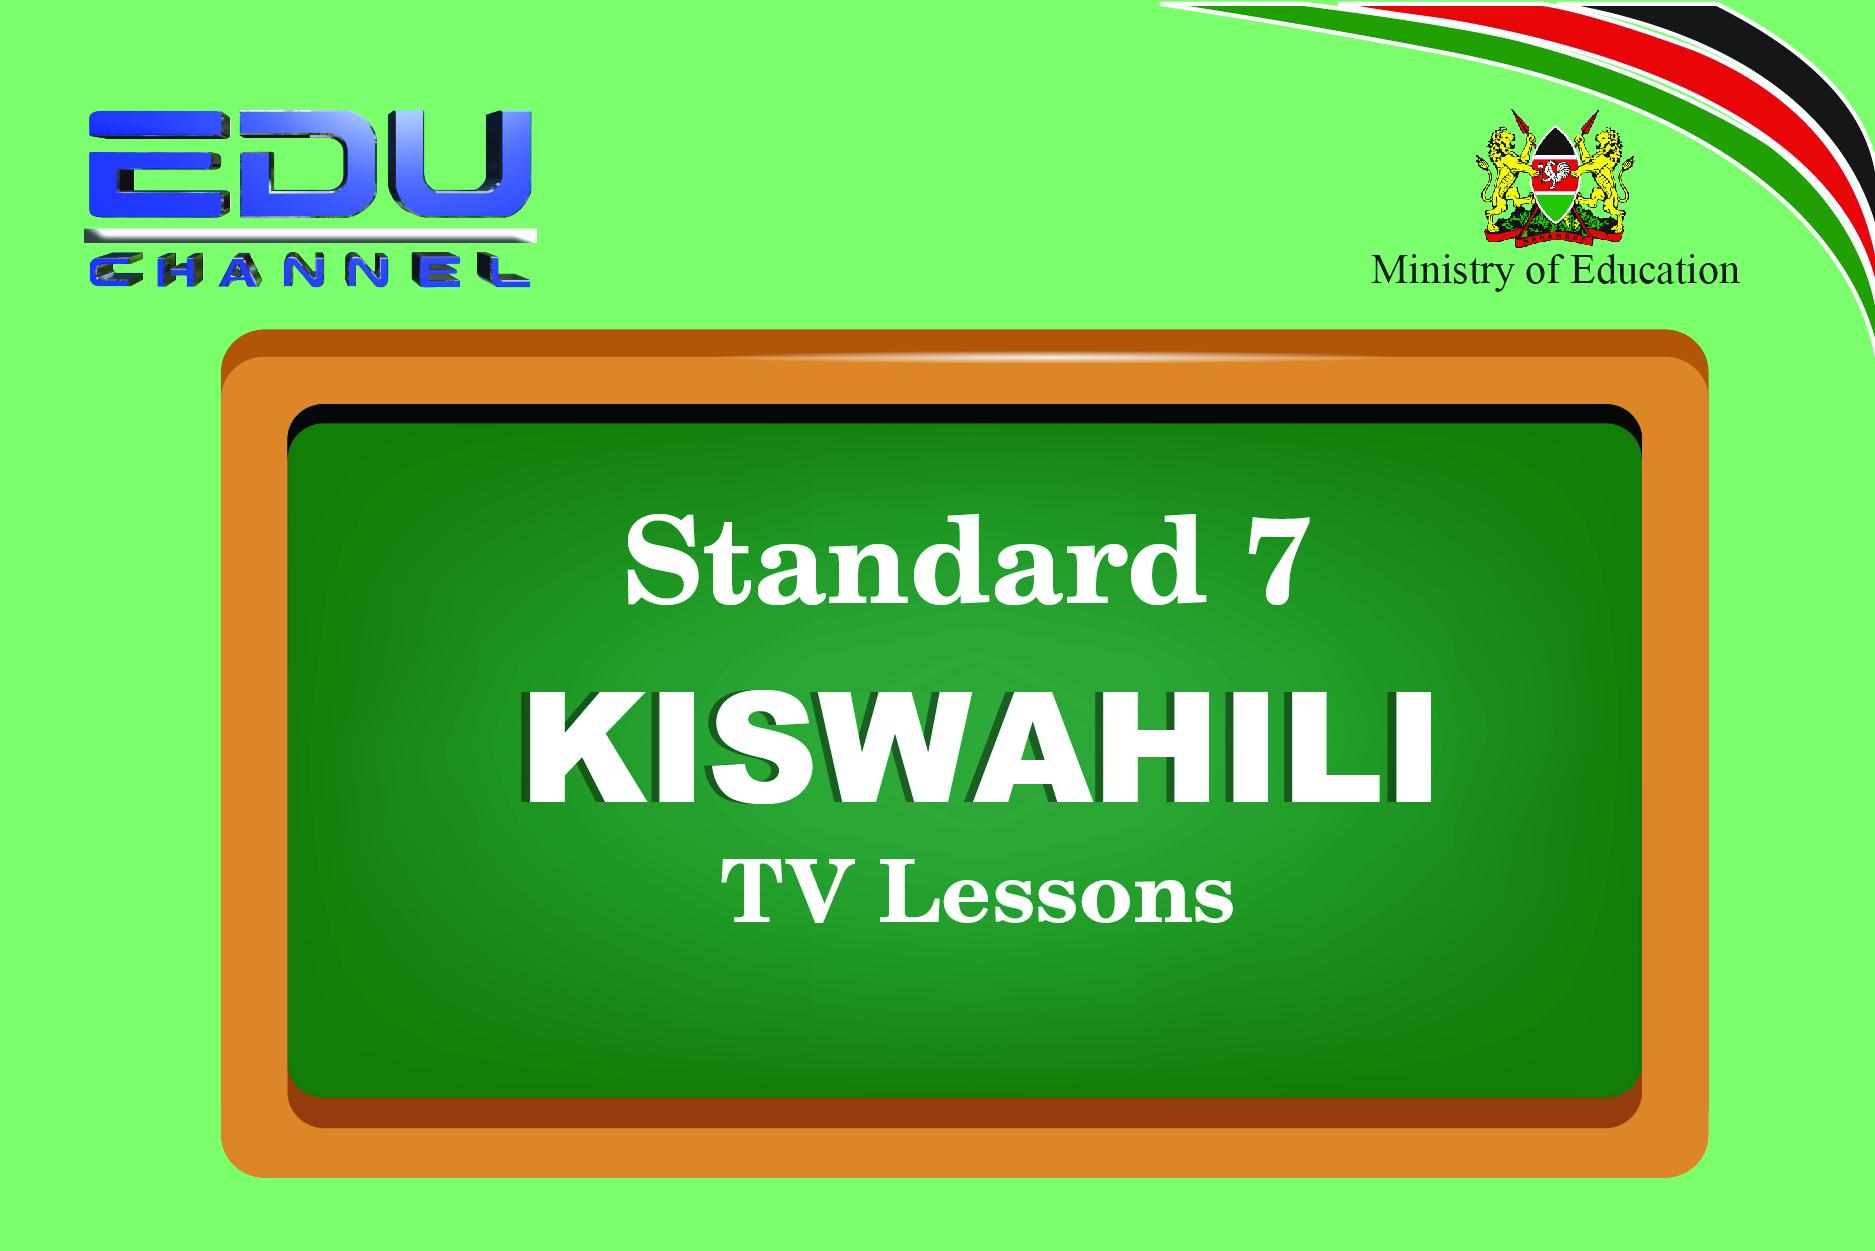 Standard 7 Kiswahili Lesson 1: Sarufi Viambishi ngeli